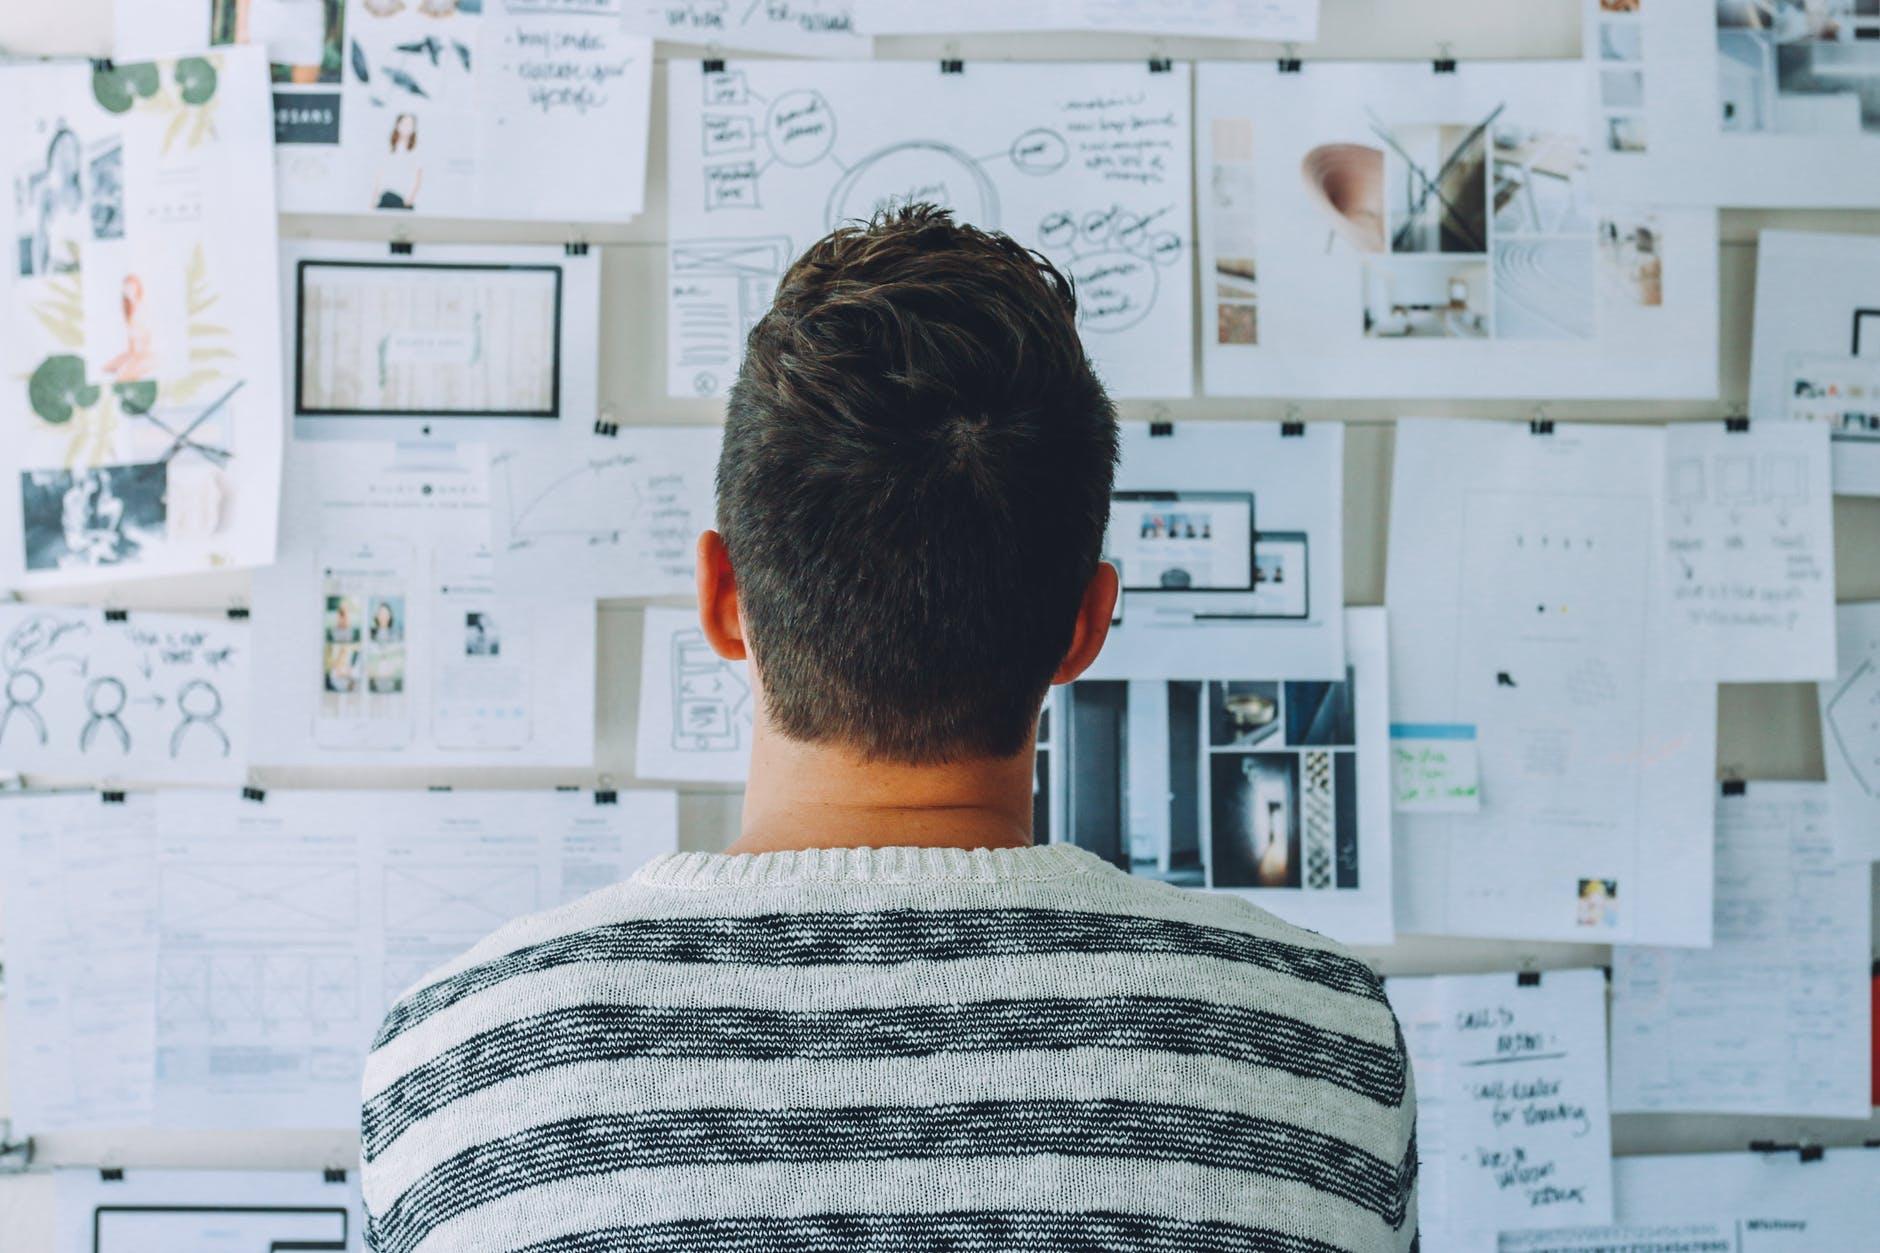 Quer inovar ou fazer algo diferente? Pare de consultar as tendências do mercado